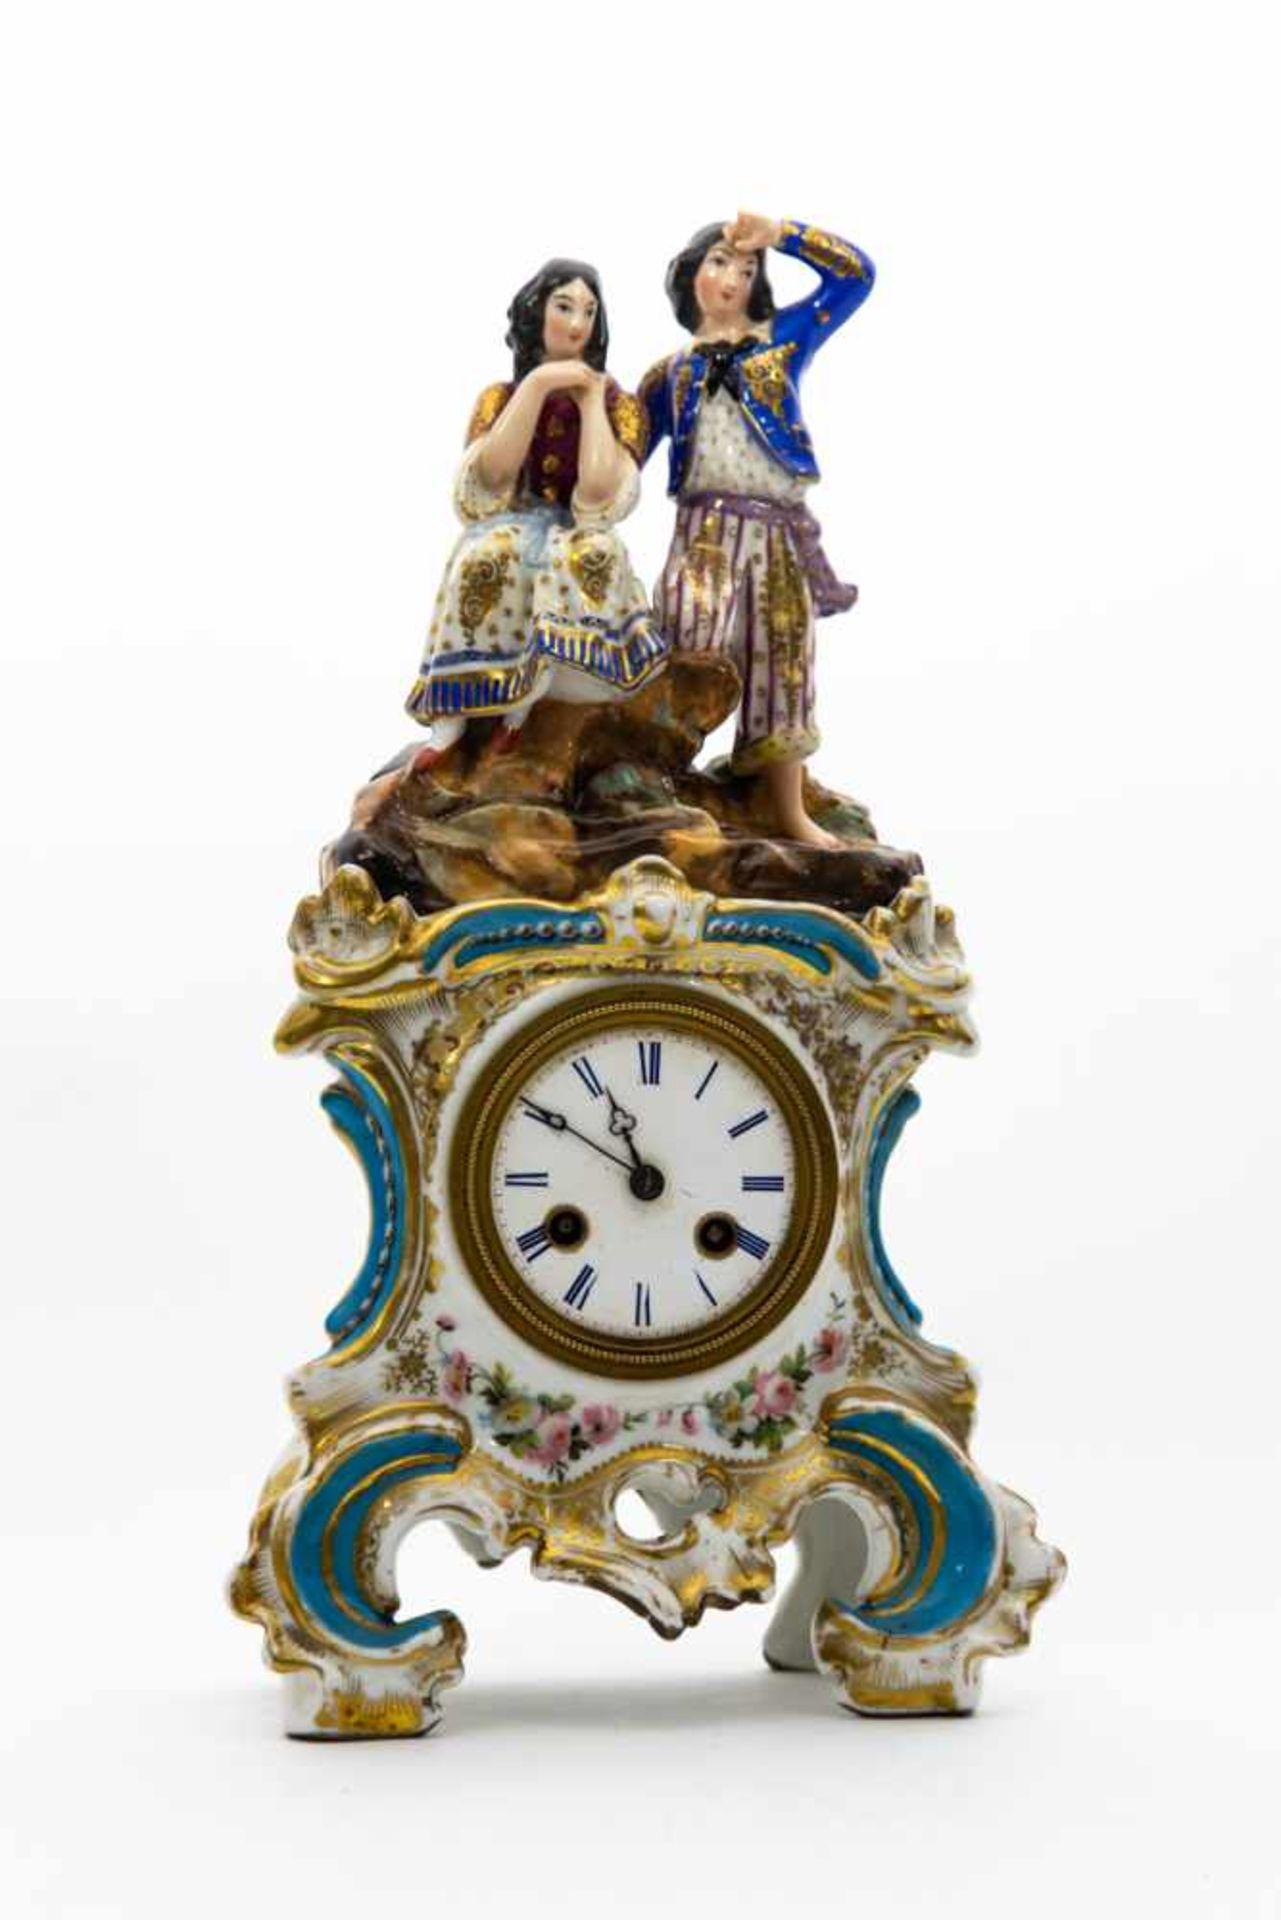 Porzellan - Uhr,Ungarn um 1860, Pärchen auf Felsen, Höhe 35 cm, Aufsatz lose.